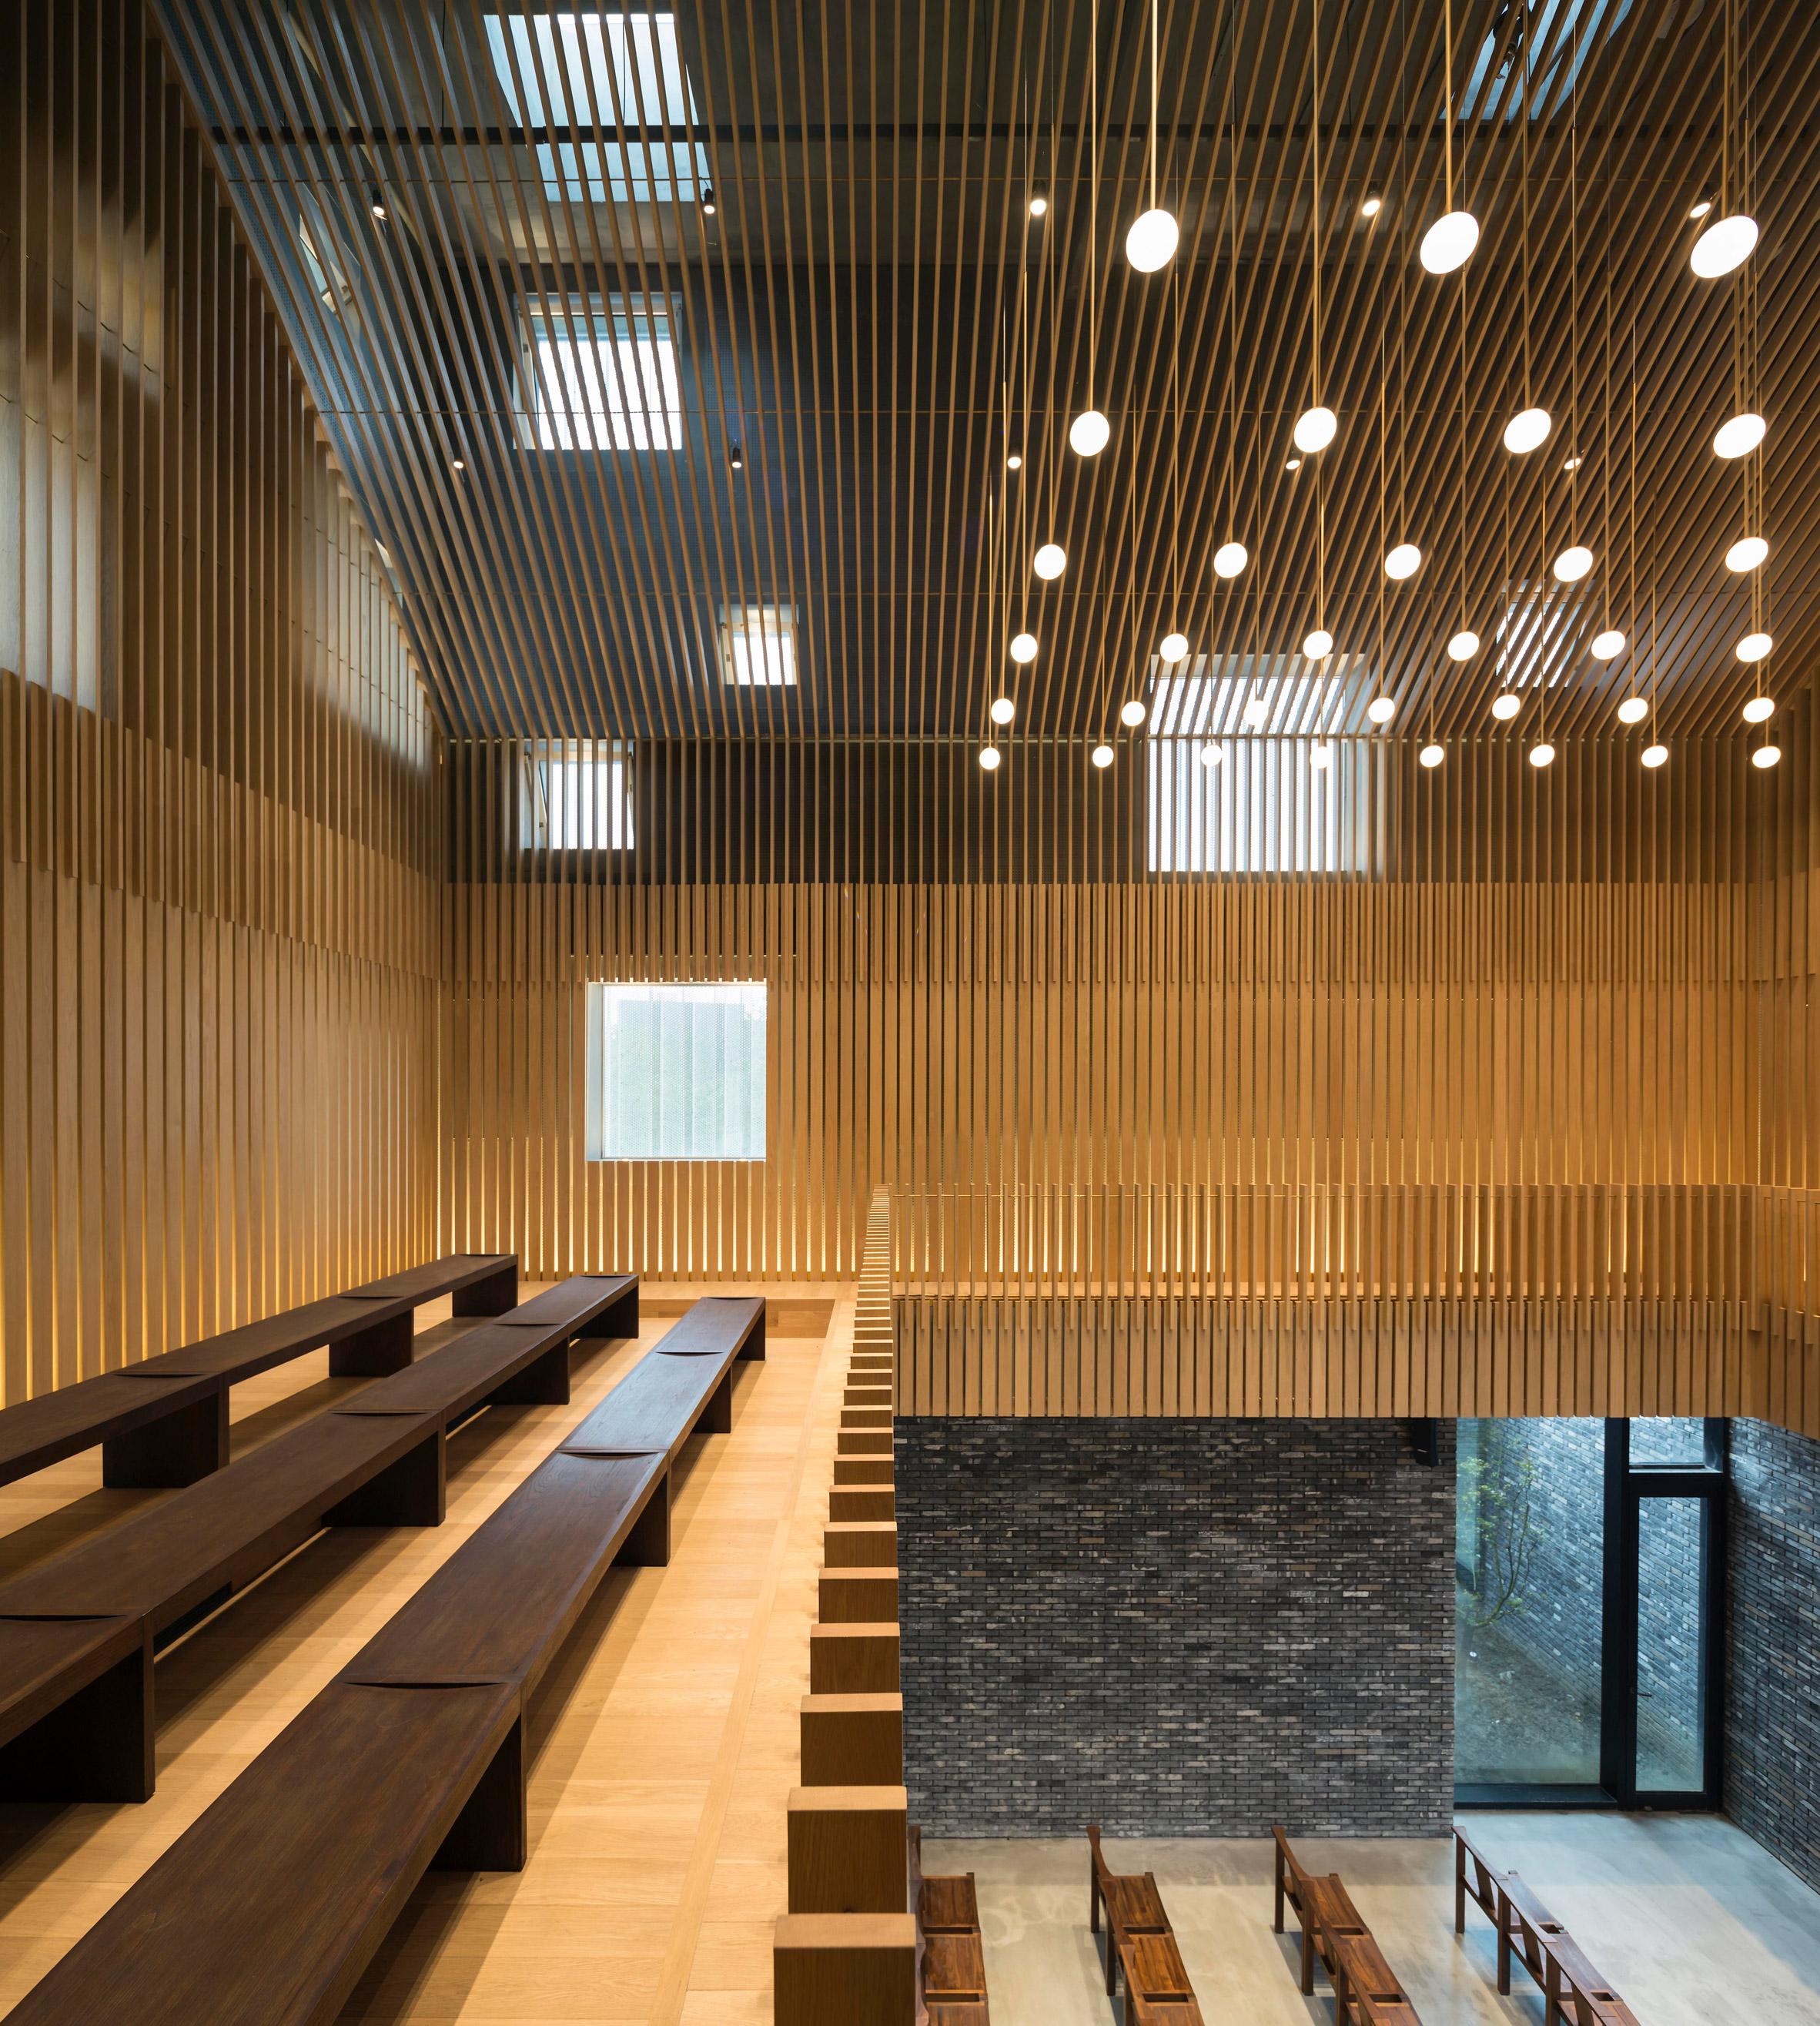 Suzhou Chapel by Neri&Hu